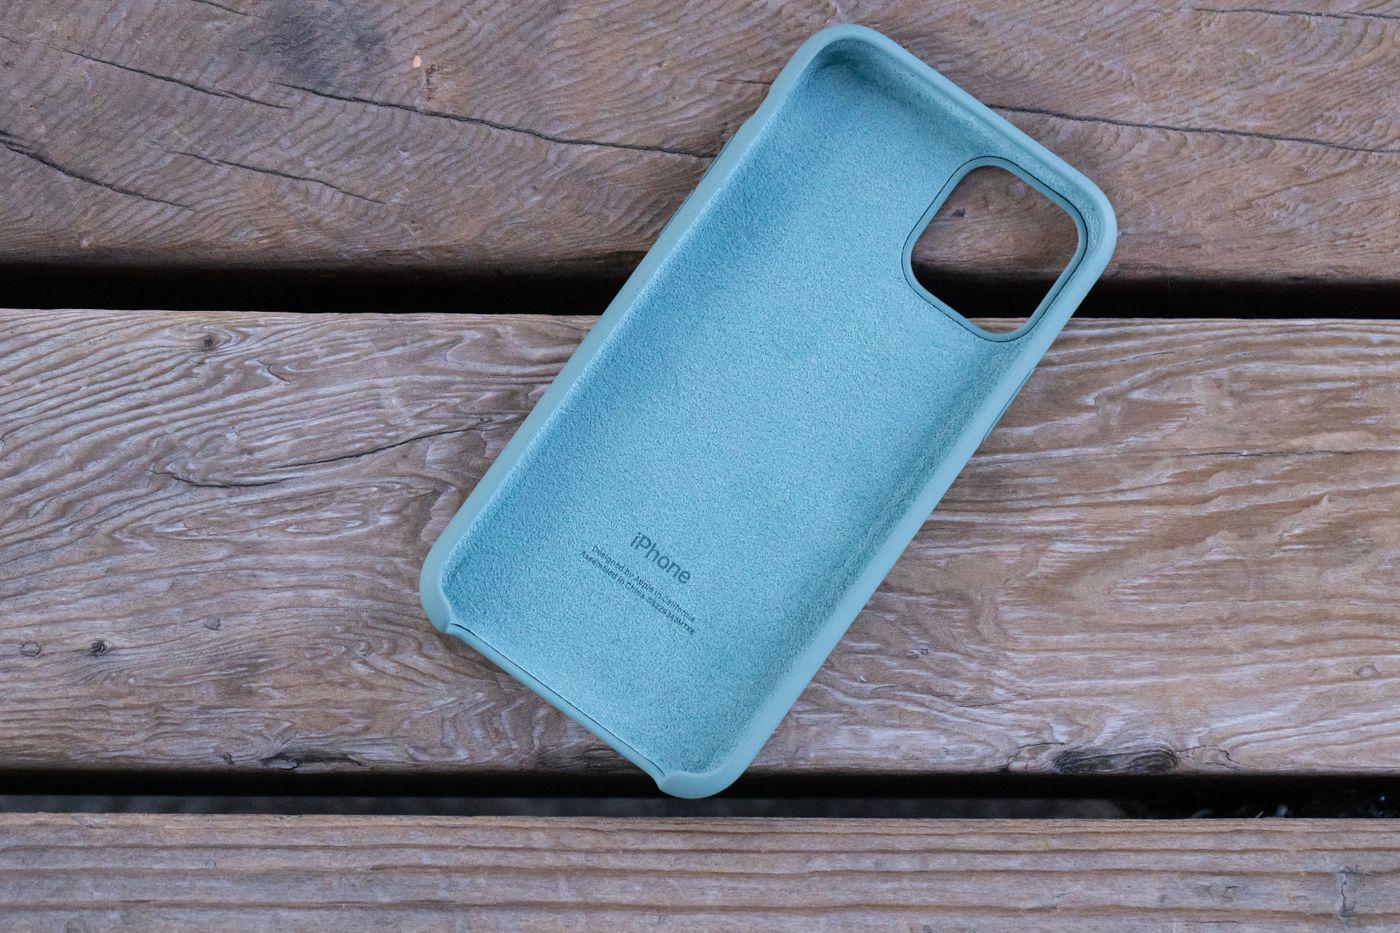 iPhone の純正ケースの写真